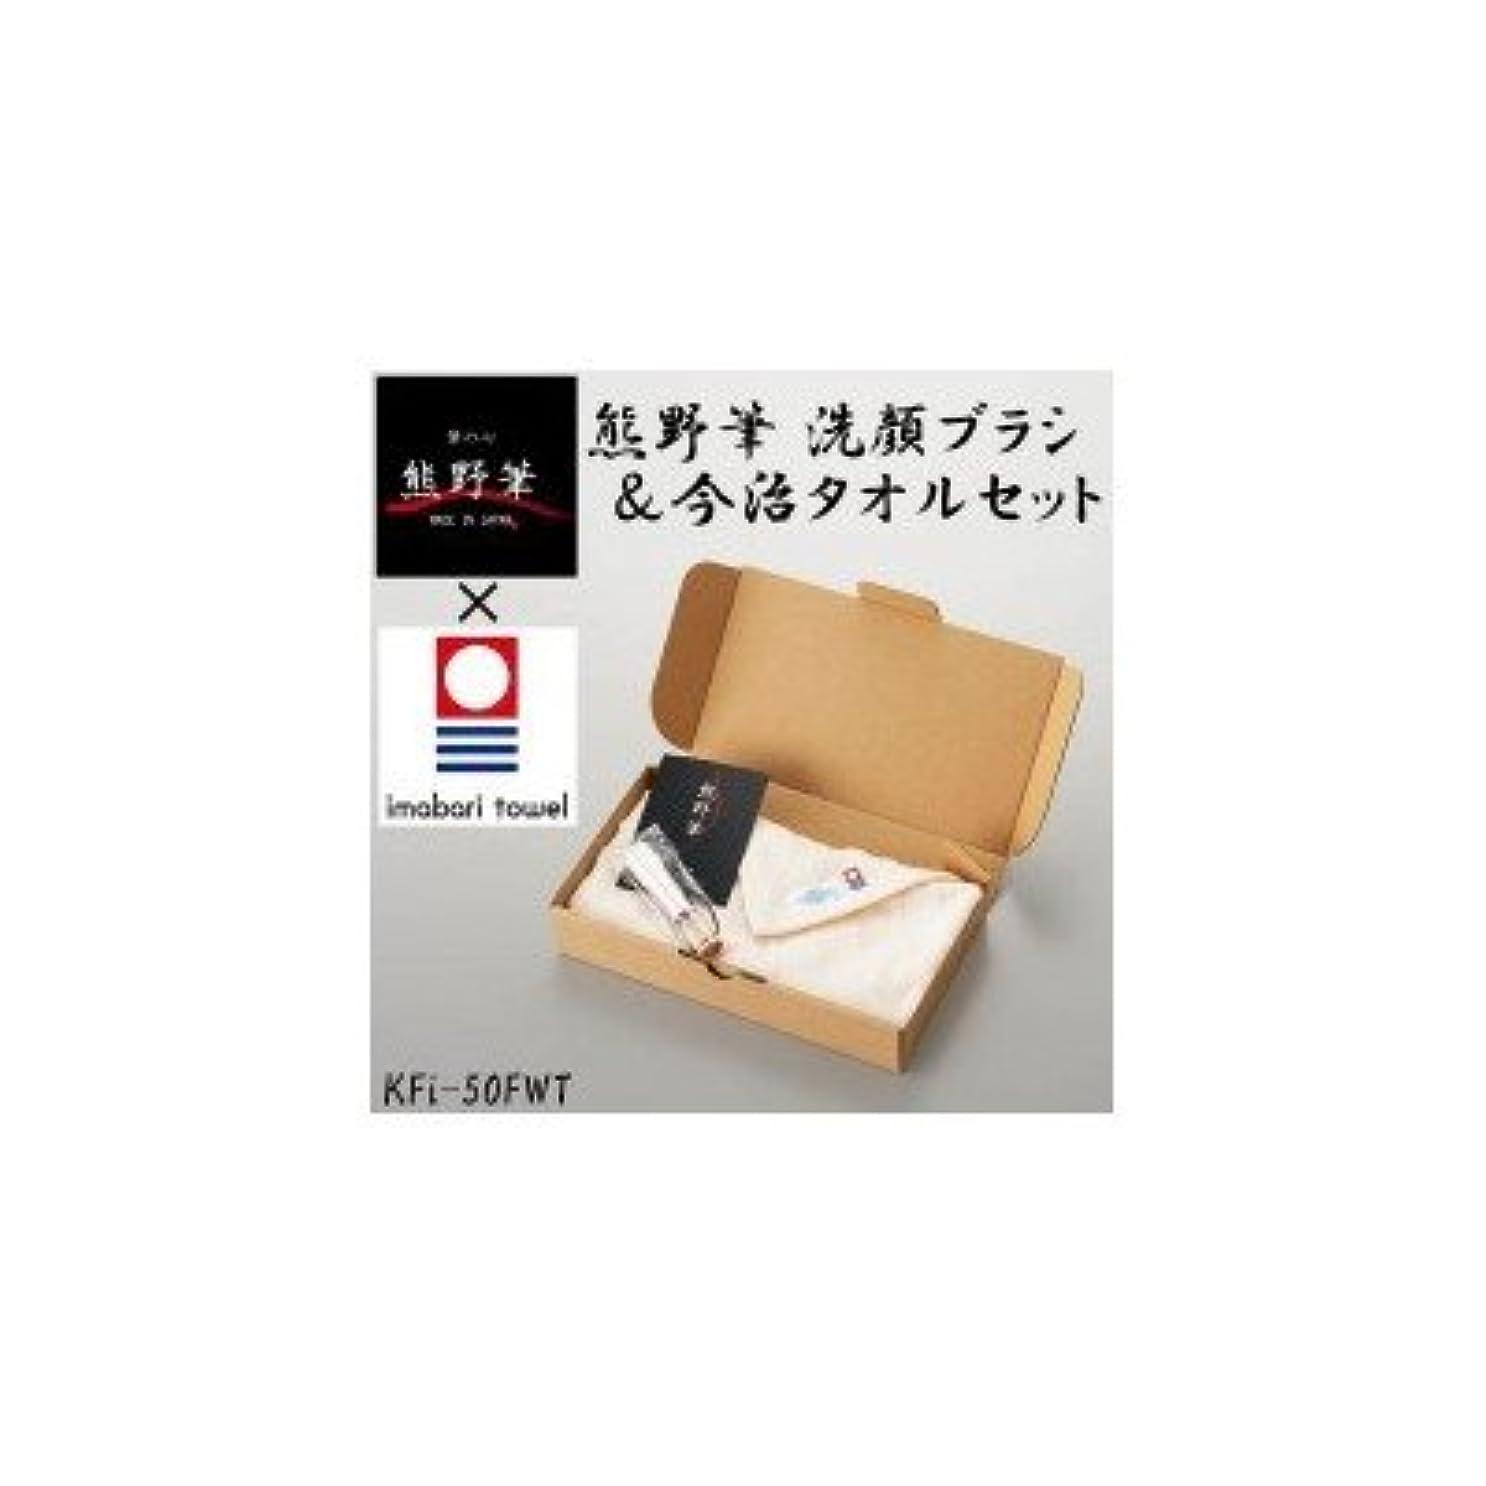 学部長メロディー形容詞熊野筆 洗顔ブラシ&今治タオルセット KFi-50FWT